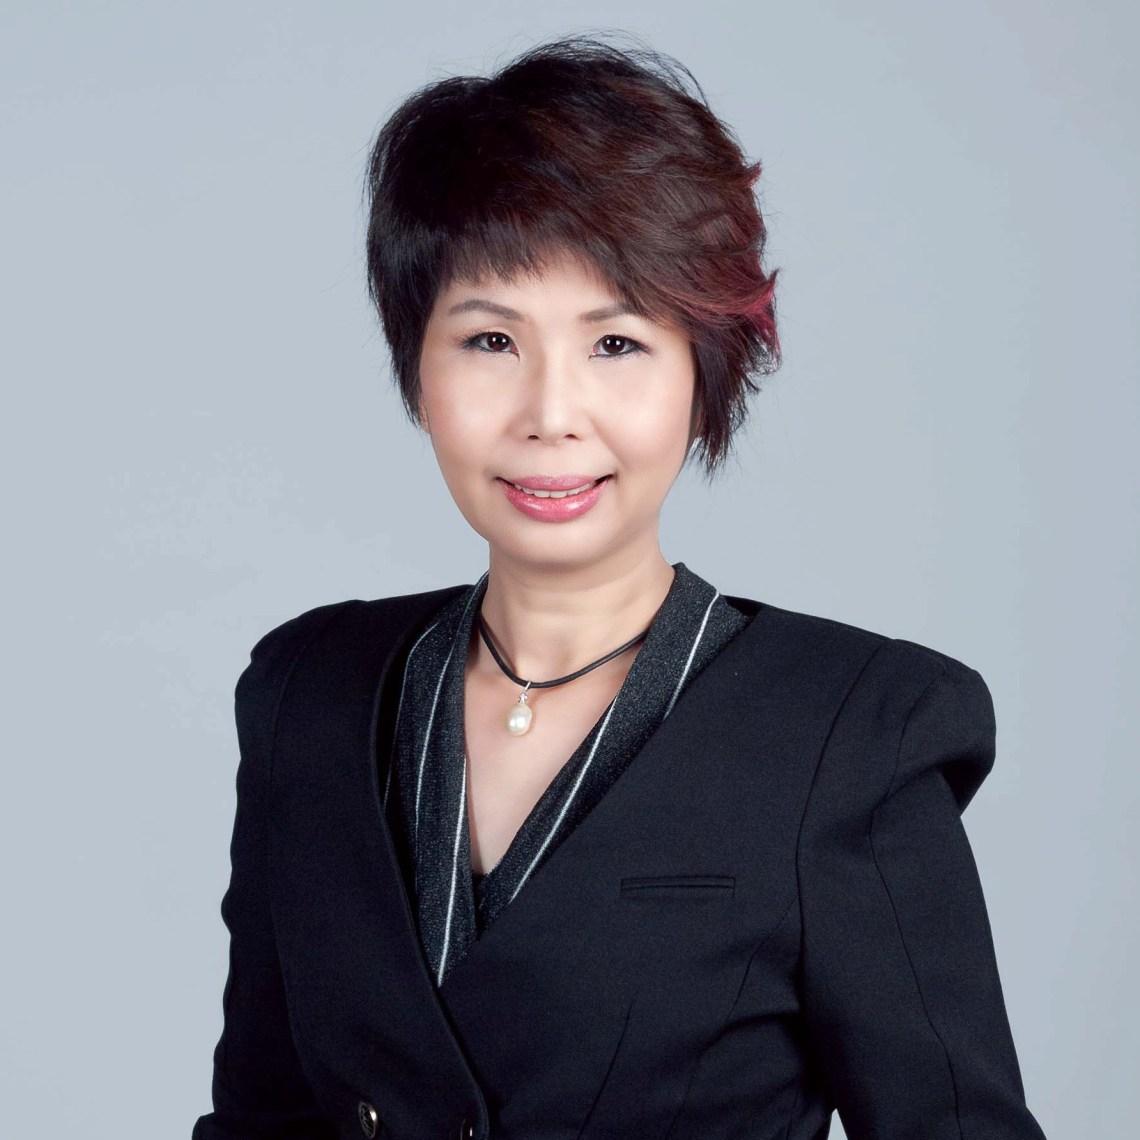 Datin Yoko Chou